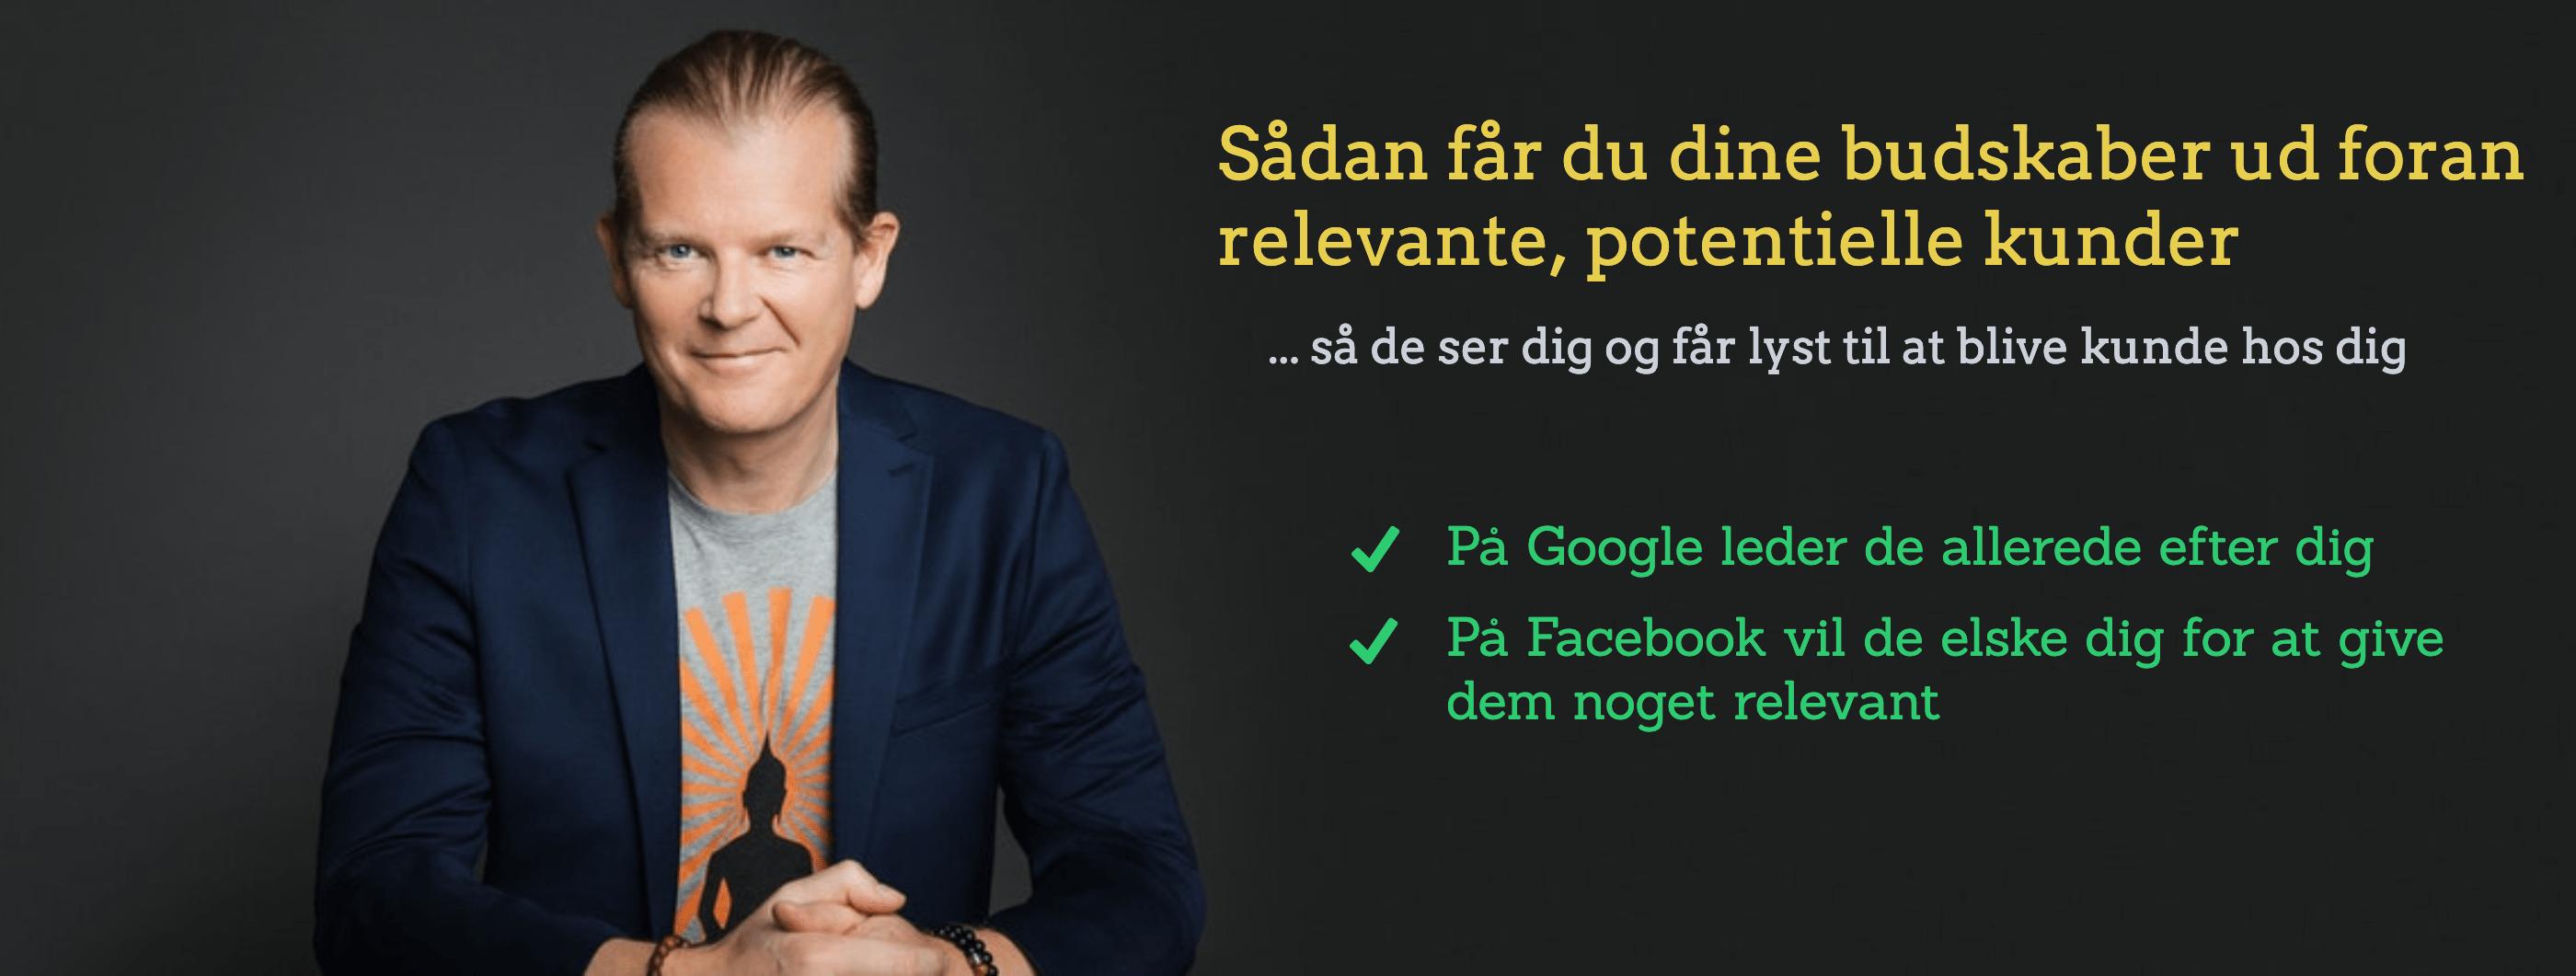 Thomas Paludans onlinekurser i at lave annoncer til Google og Facebook